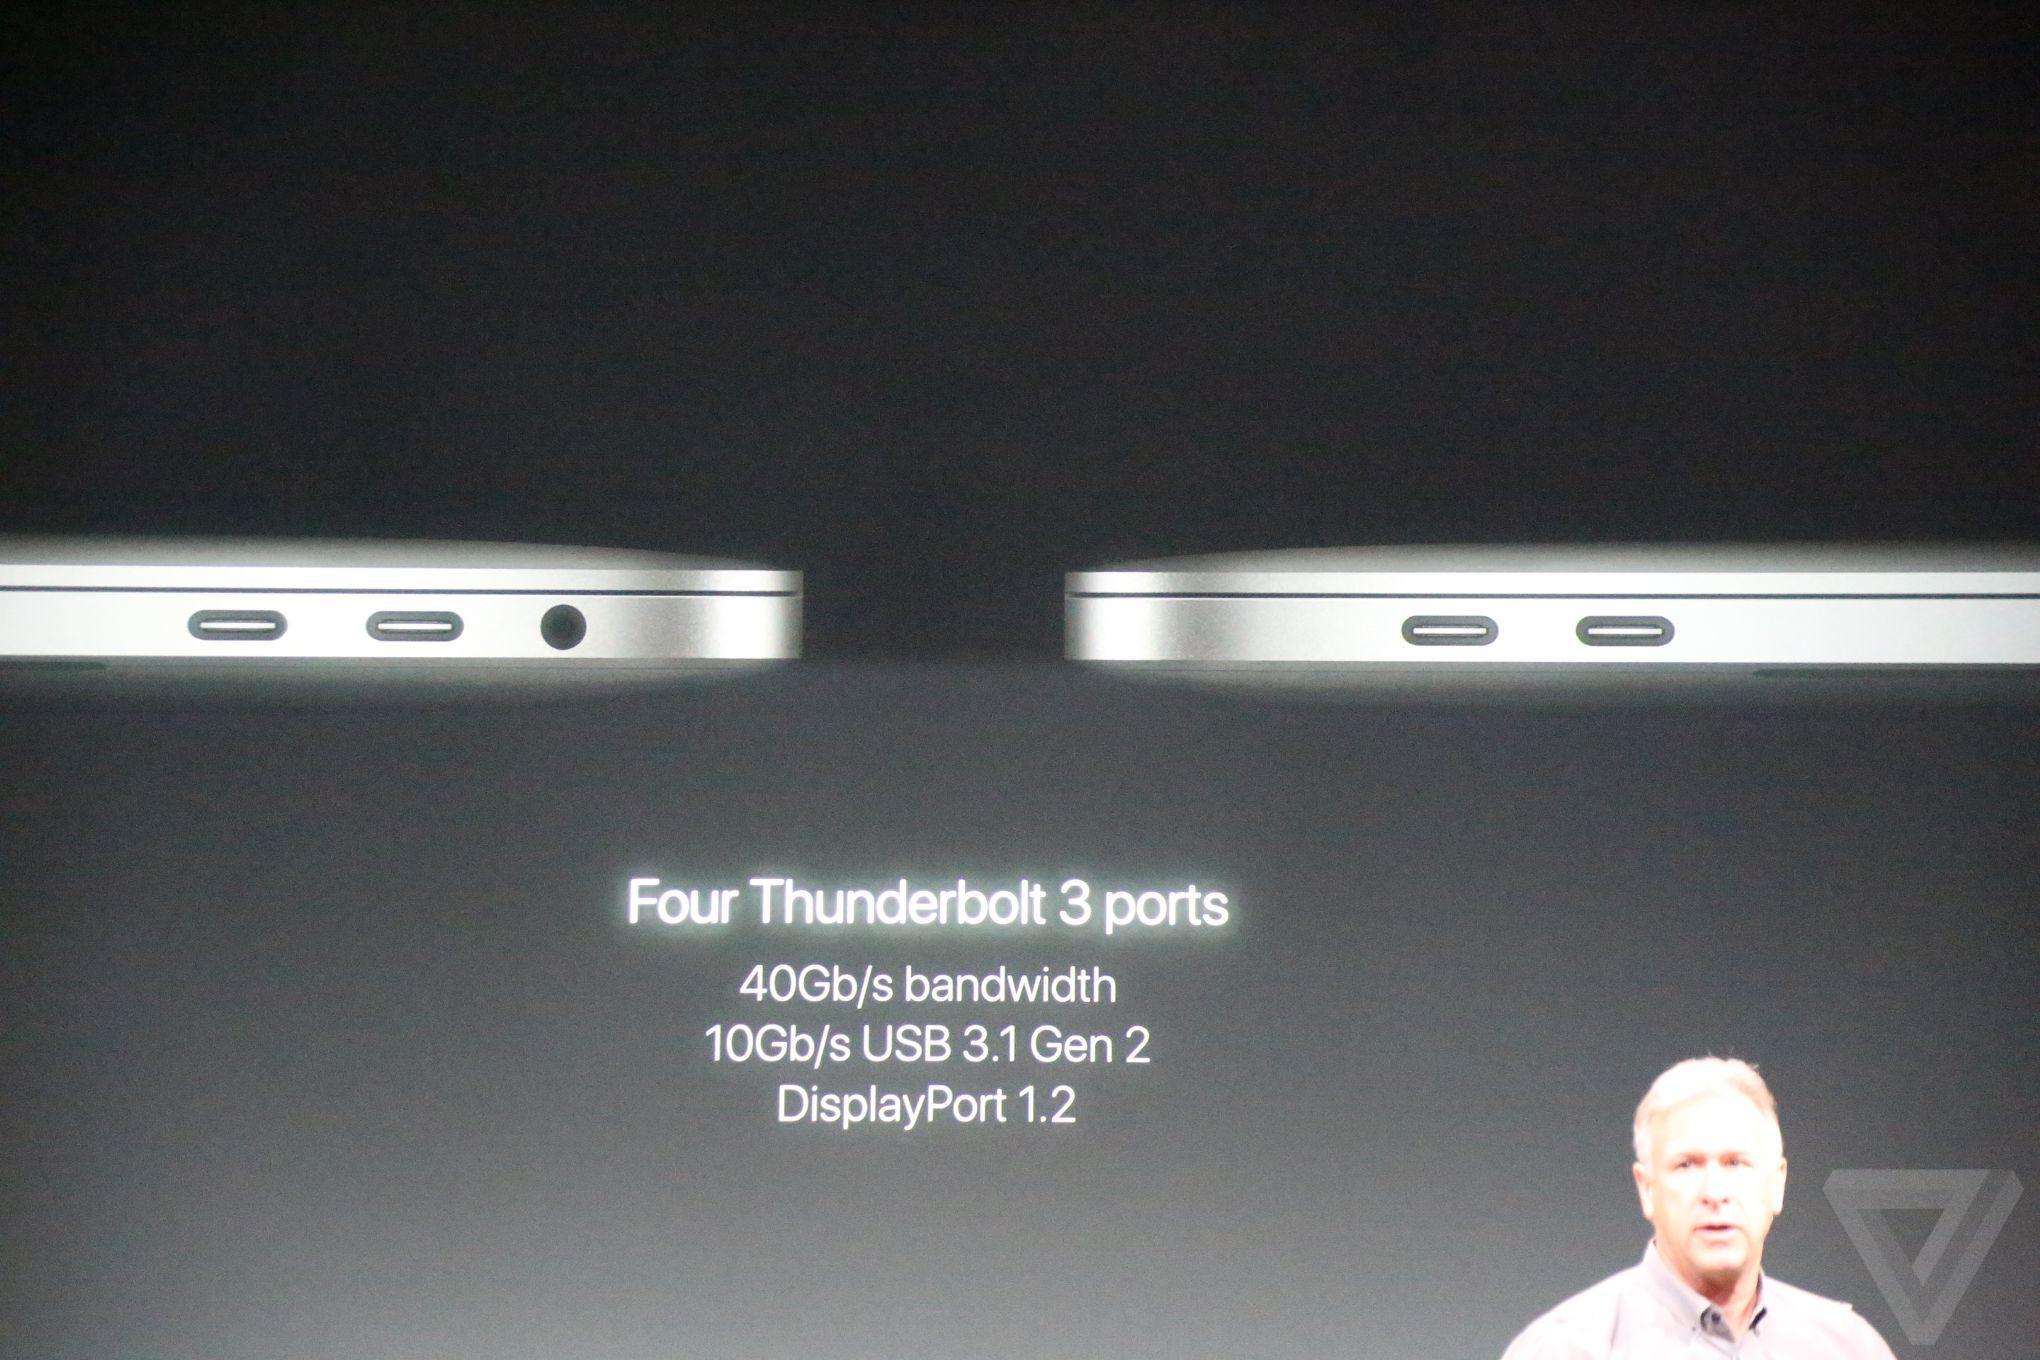 apple-macbook-event-20161027-8503